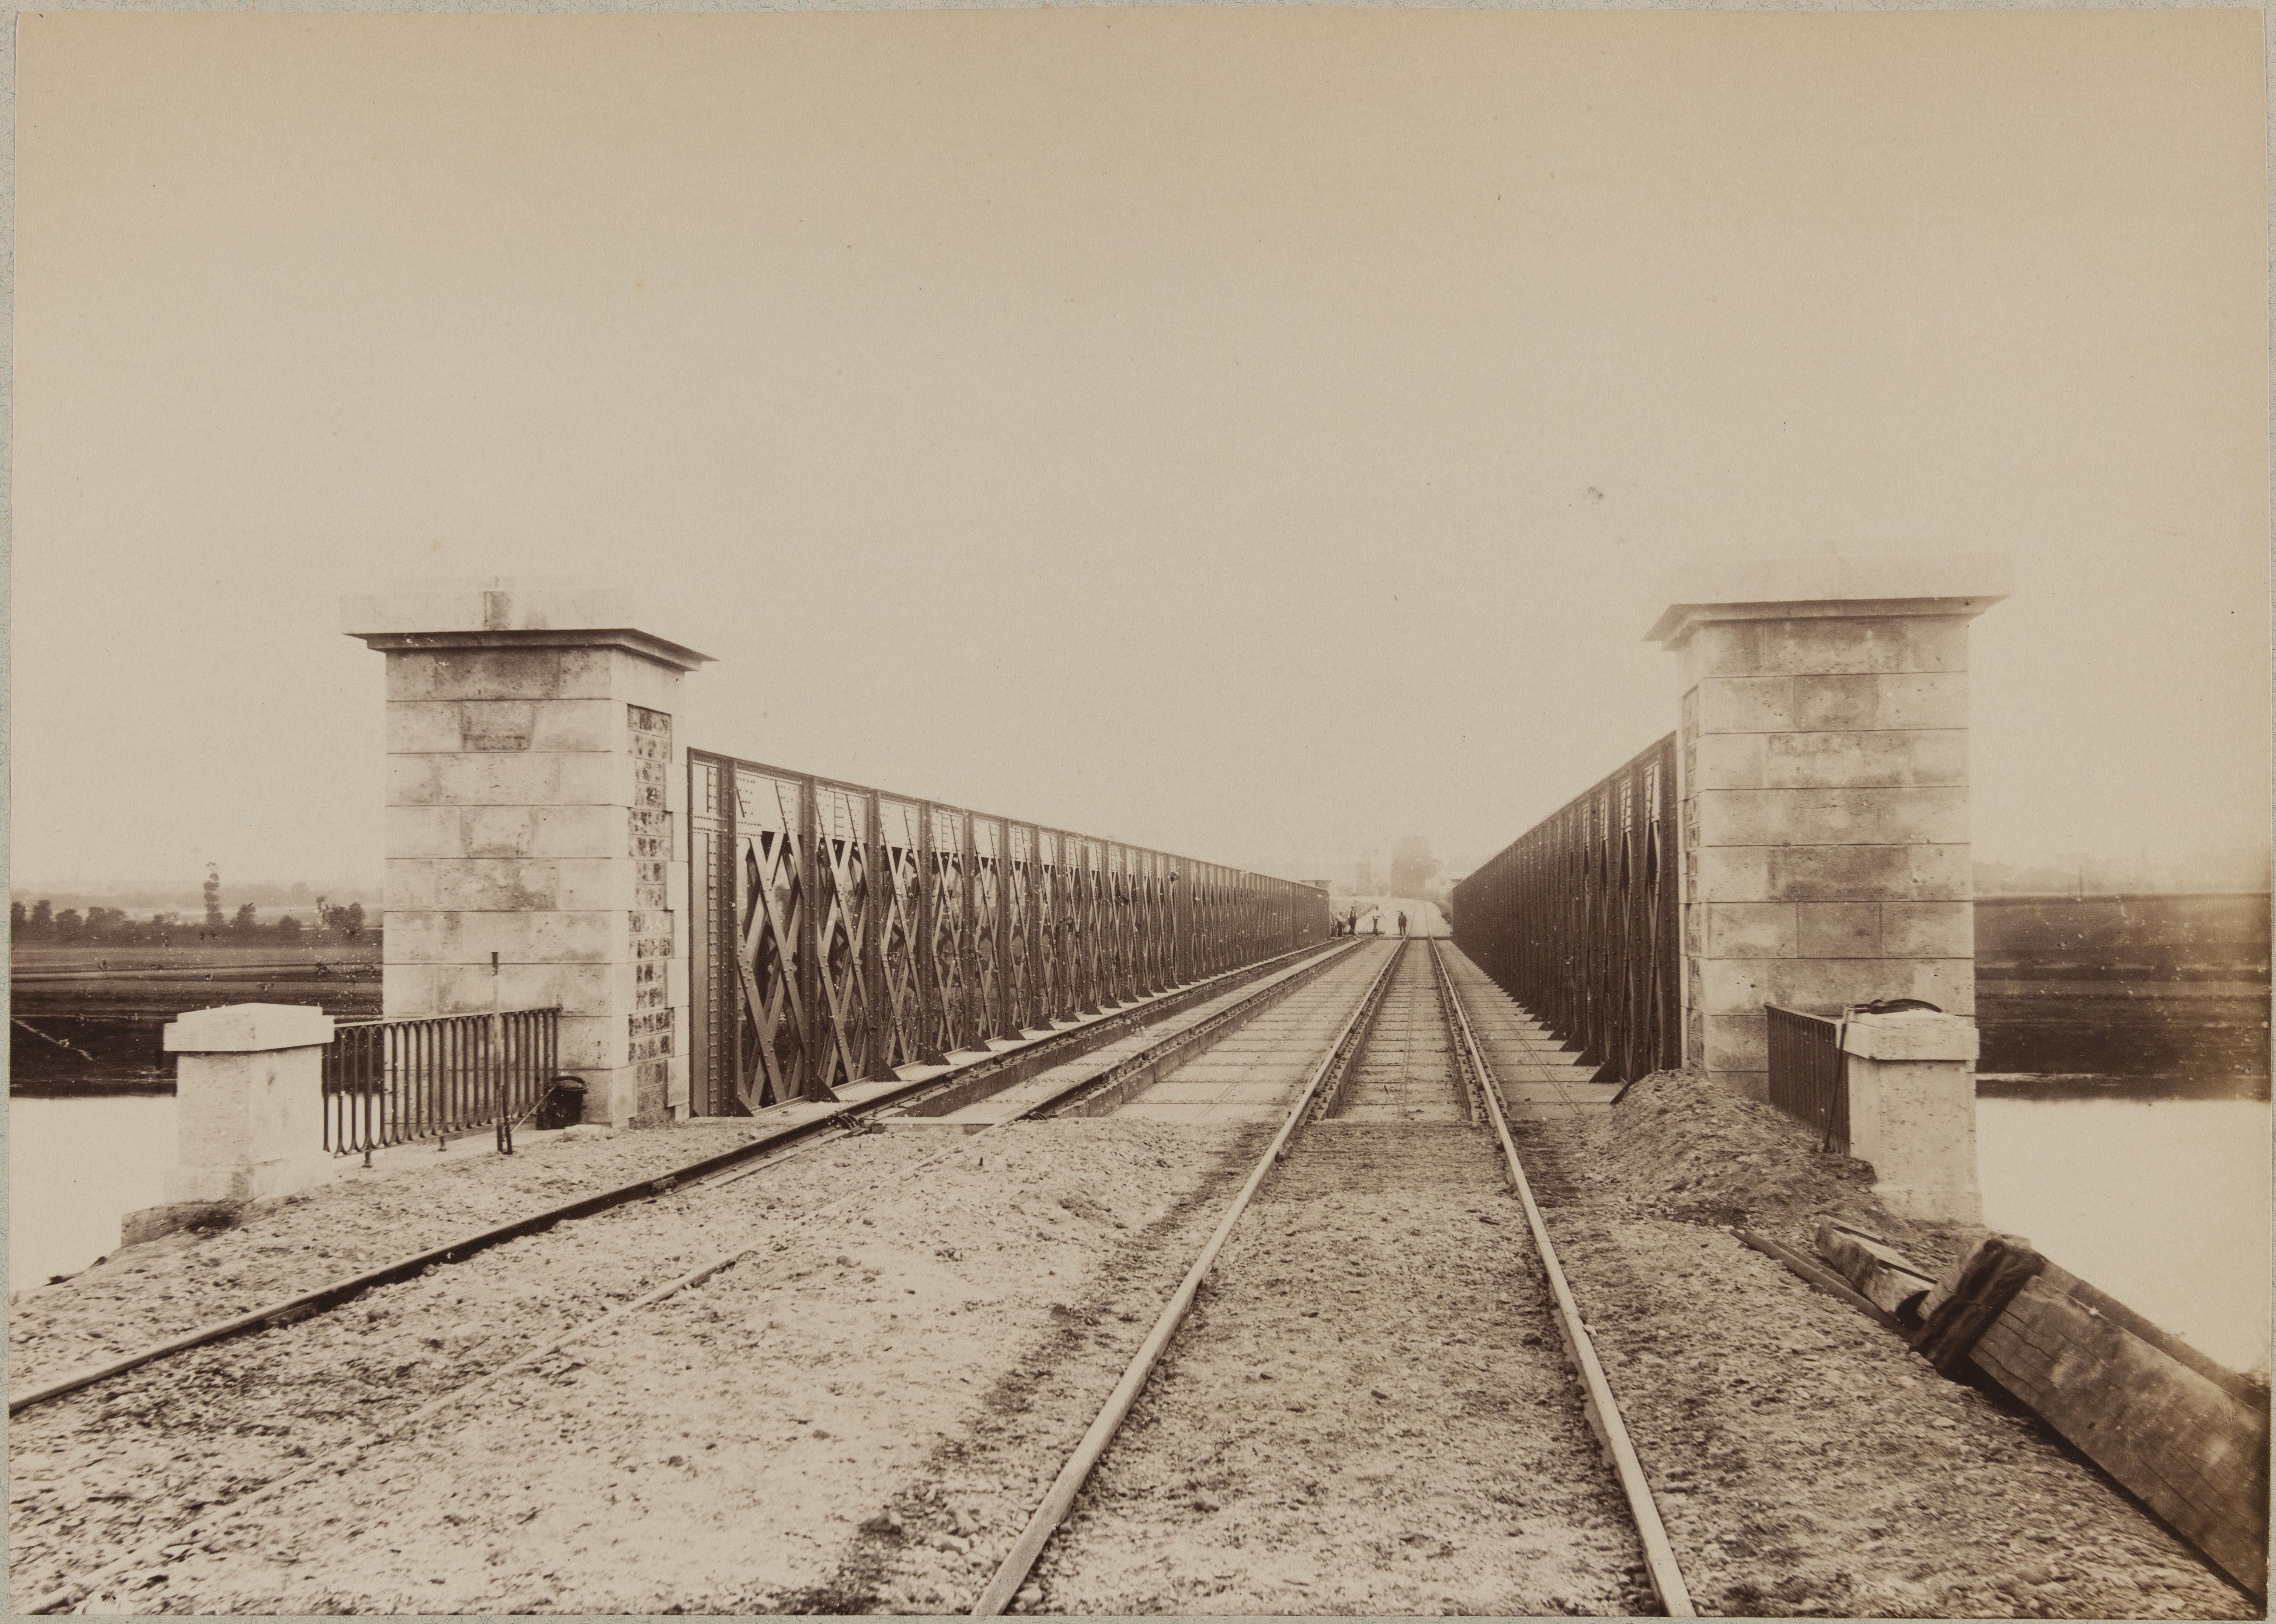 Мост в Шуази-ле-Руе. Перспектива моста